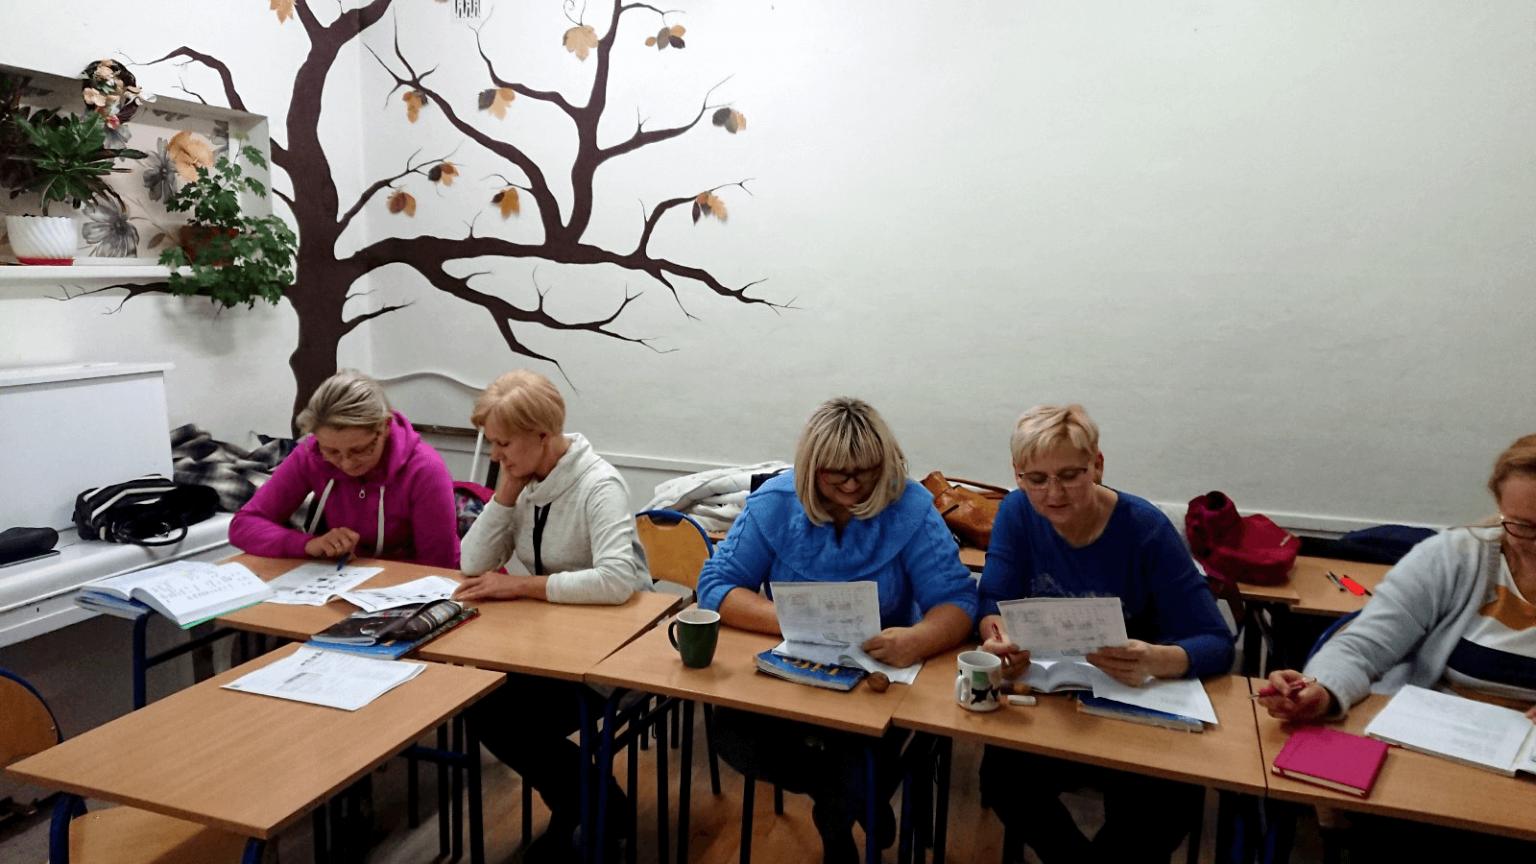 Szkolenie z angielskiego w Szczawnicy 2